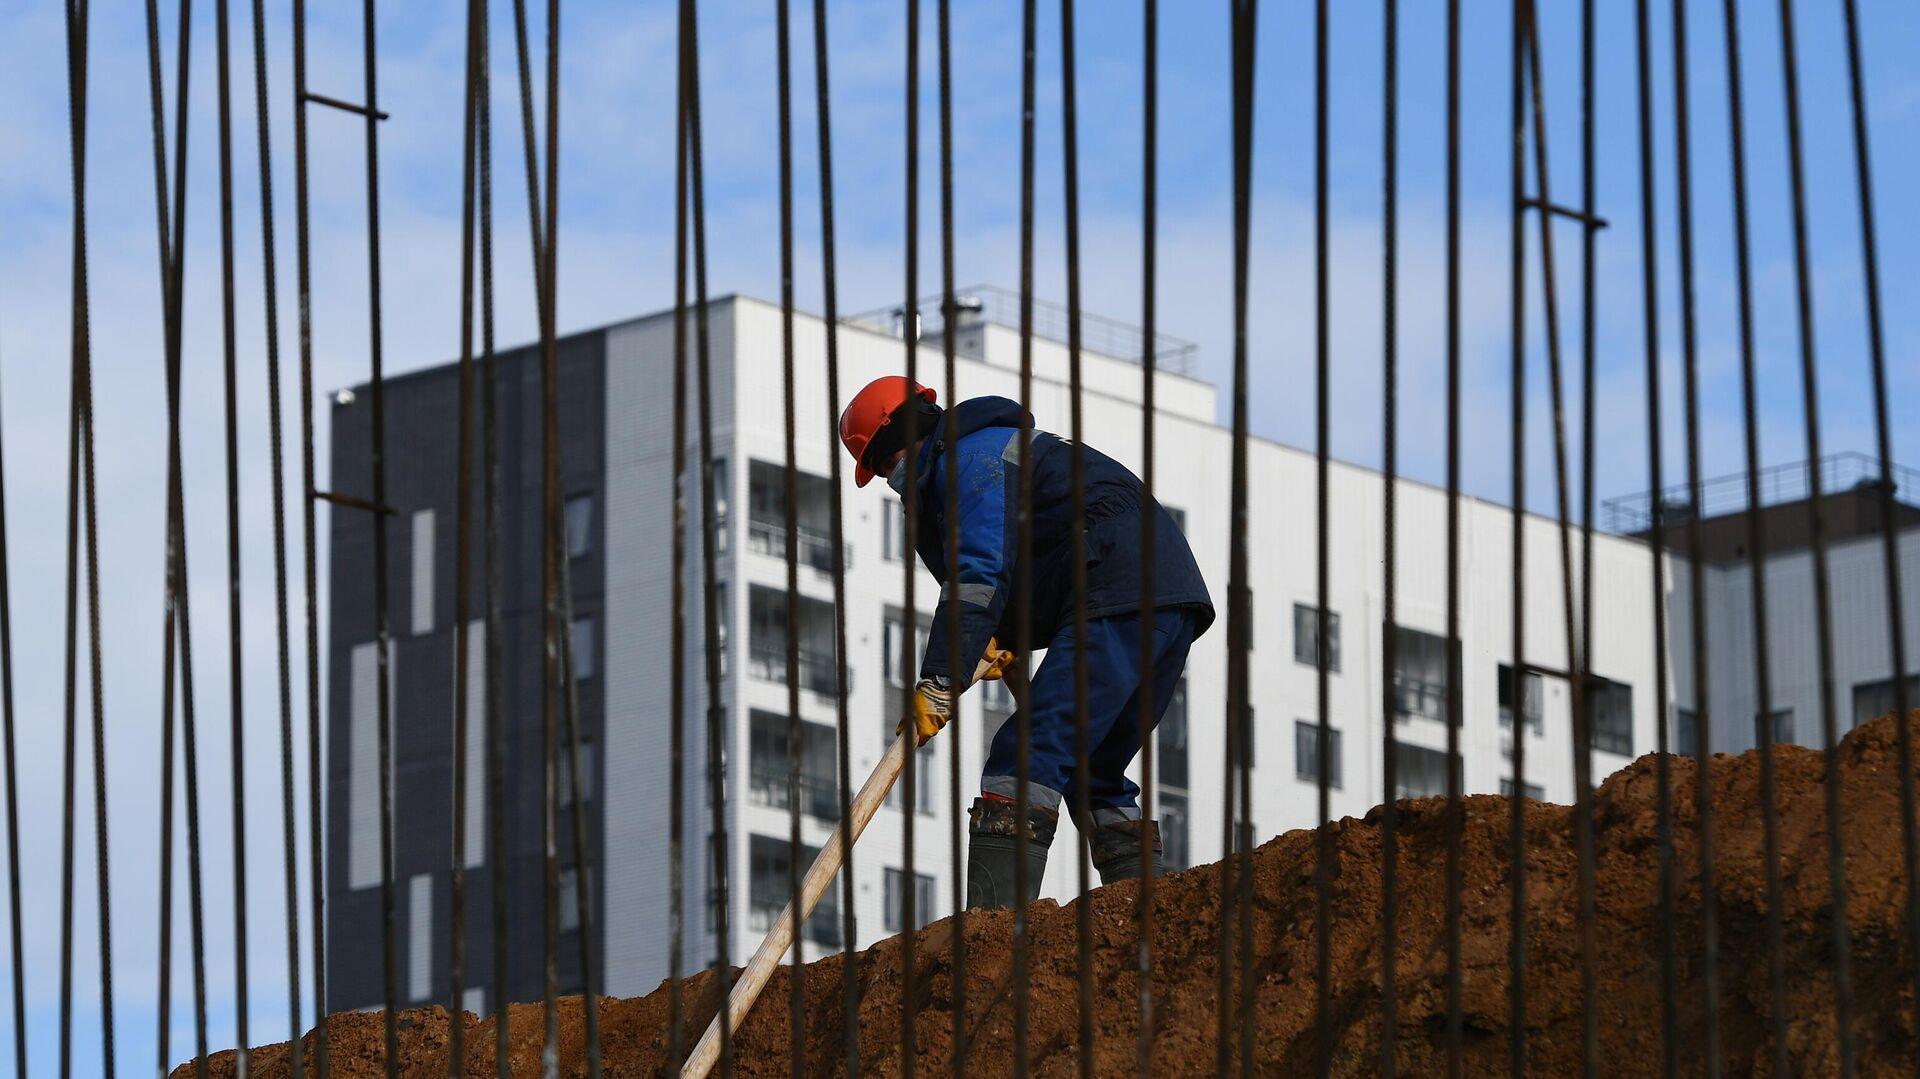 Рабочий на строительной площадке ЖК Южная Битца - РИА Новости, 1920, 06.10.2021